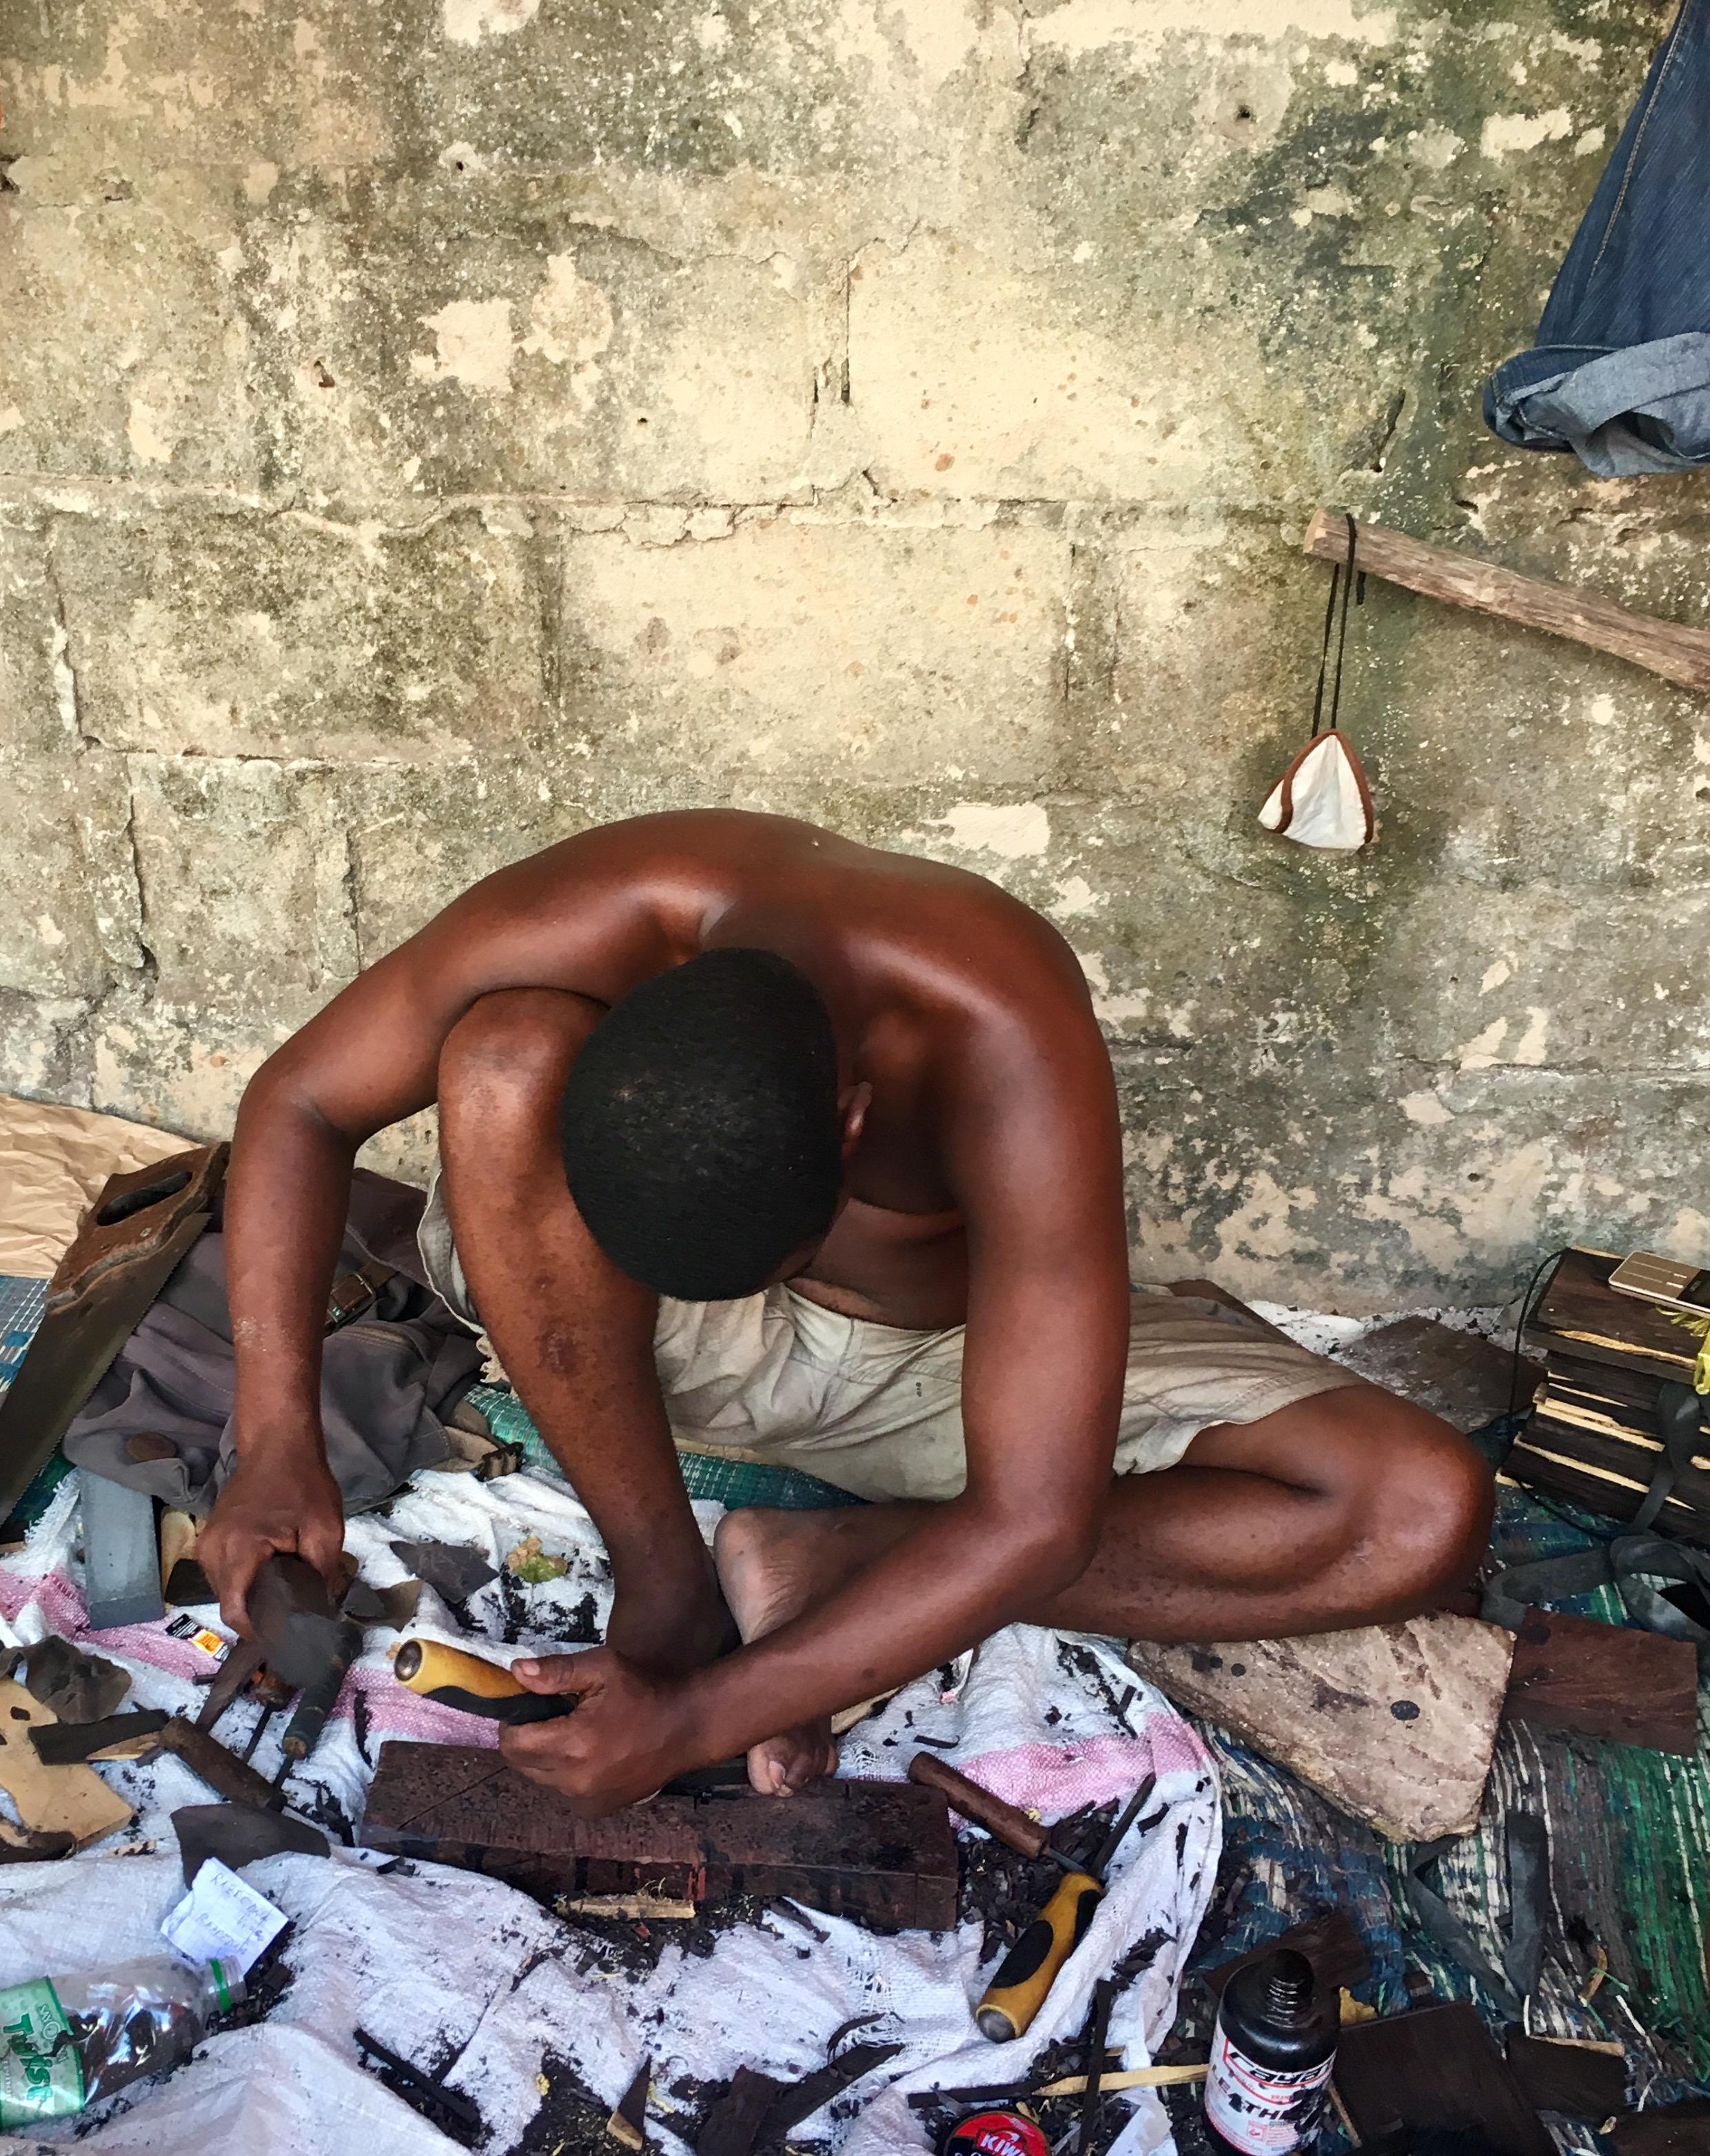 Zanzibar - miestny obyvateľ